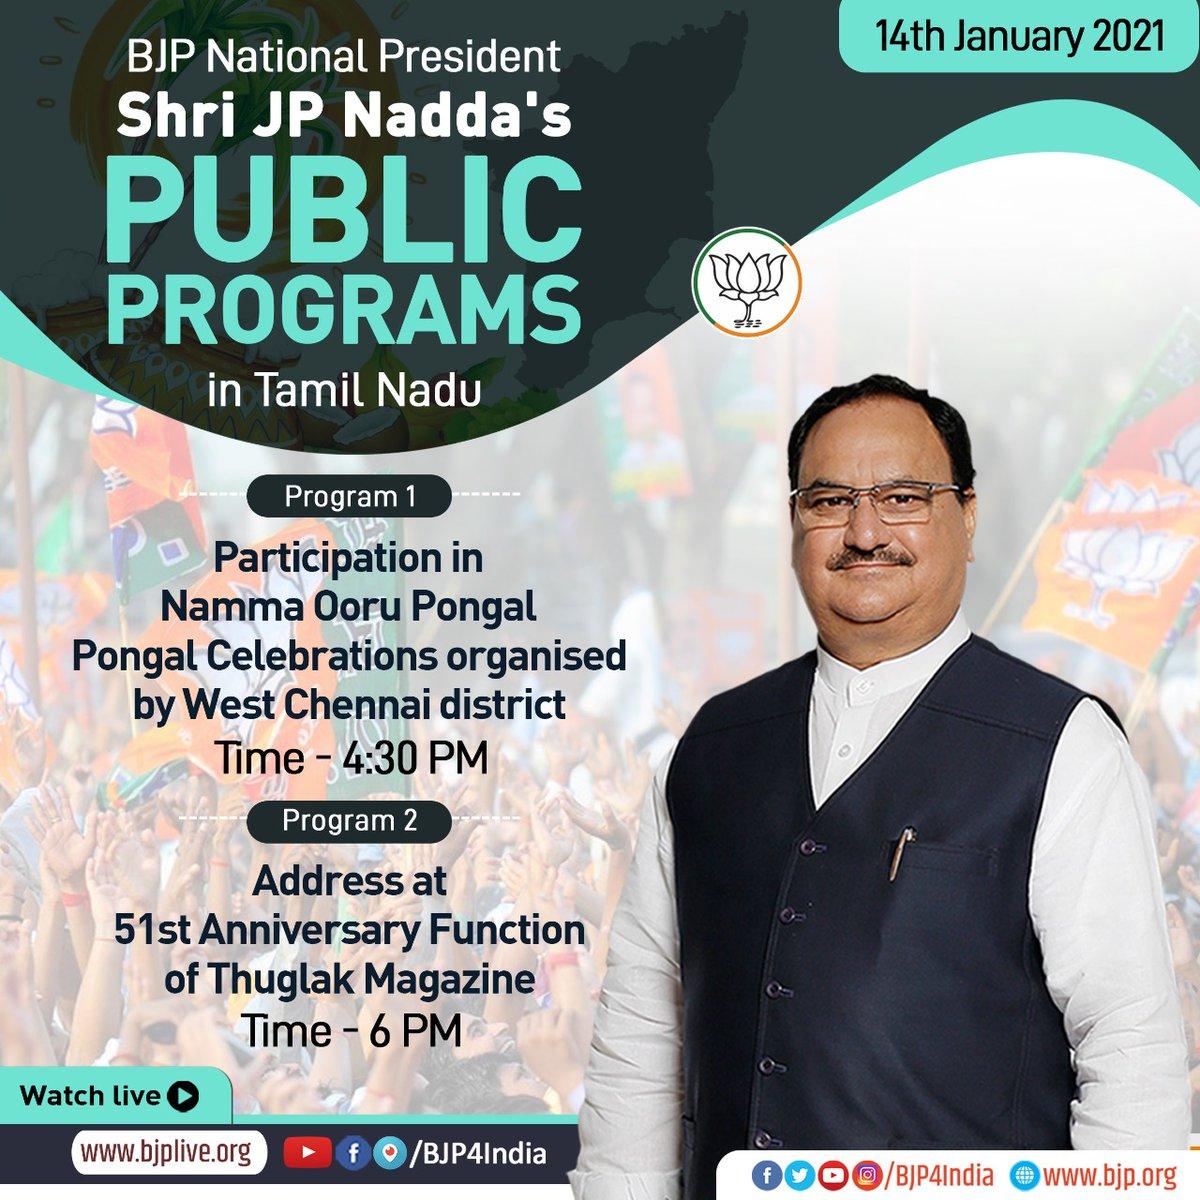 @sandeepfromvns @JPNadda #WelcomeNaddaJi 😍❤️🚩 Hon'ble National President of BJP Shri @JPNadda ji will be in Tamil Nadu today.